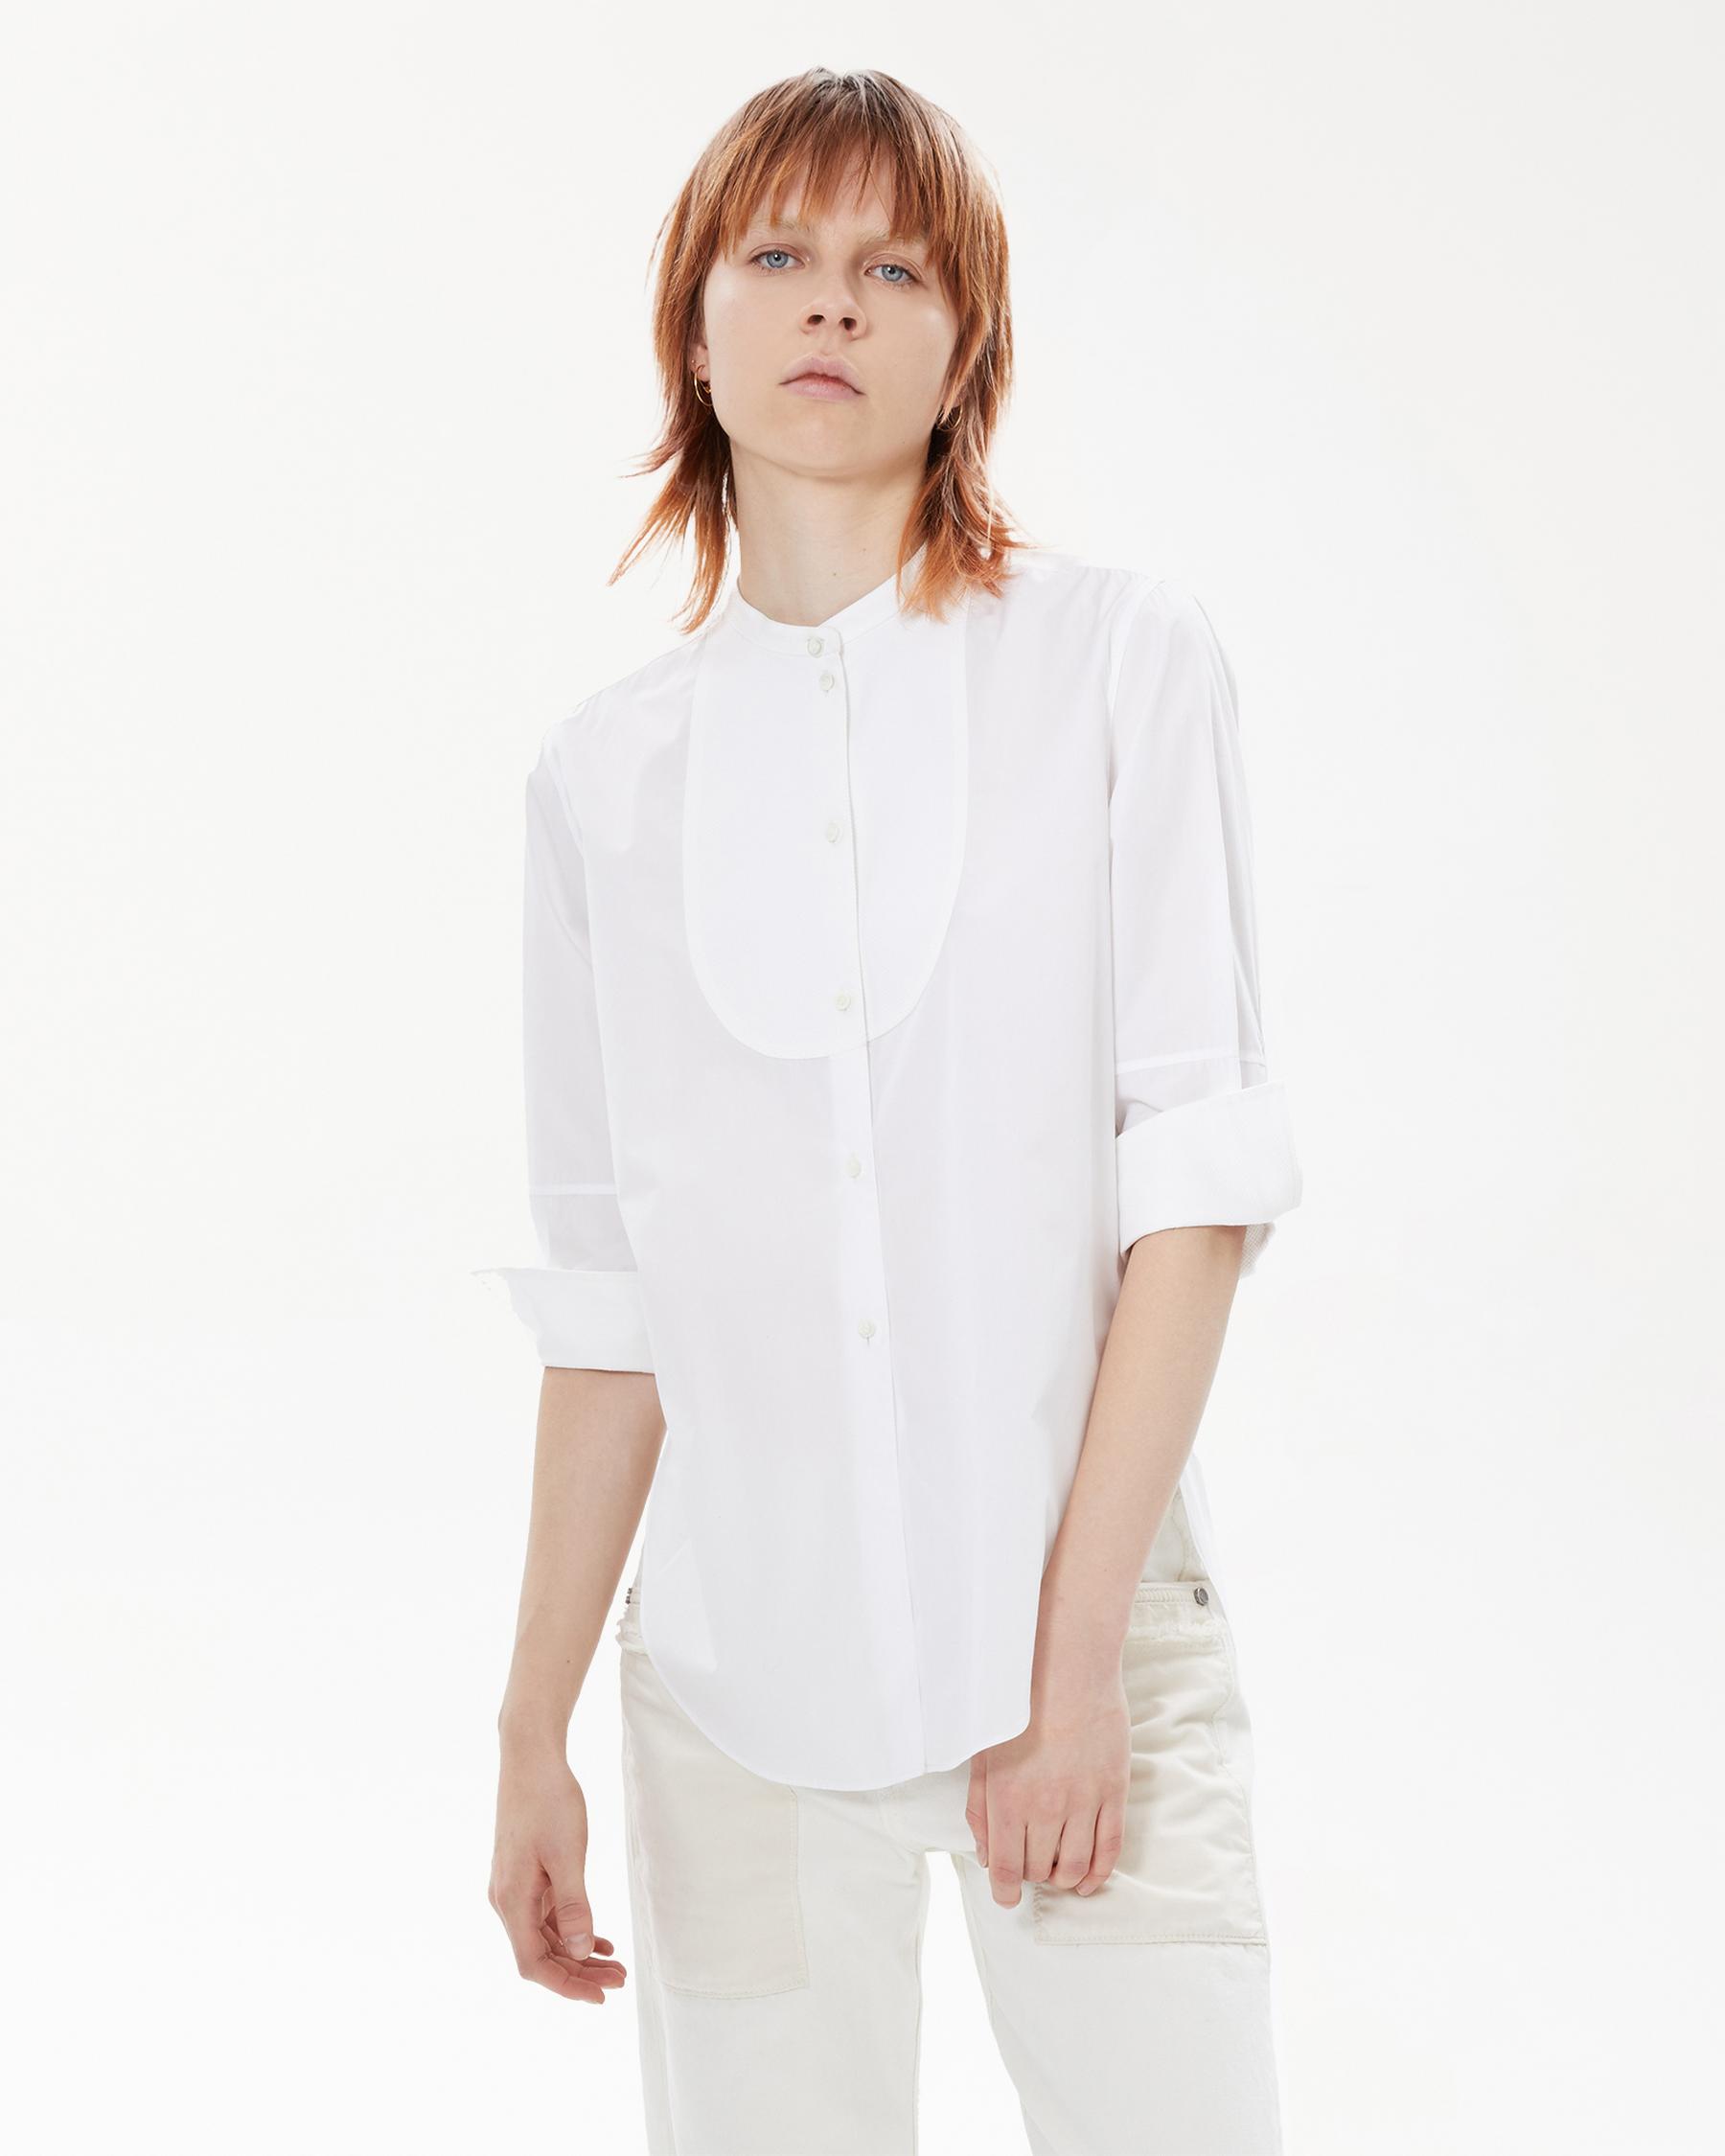 Helmut Lang 41 - Tuxedo Shirt - White